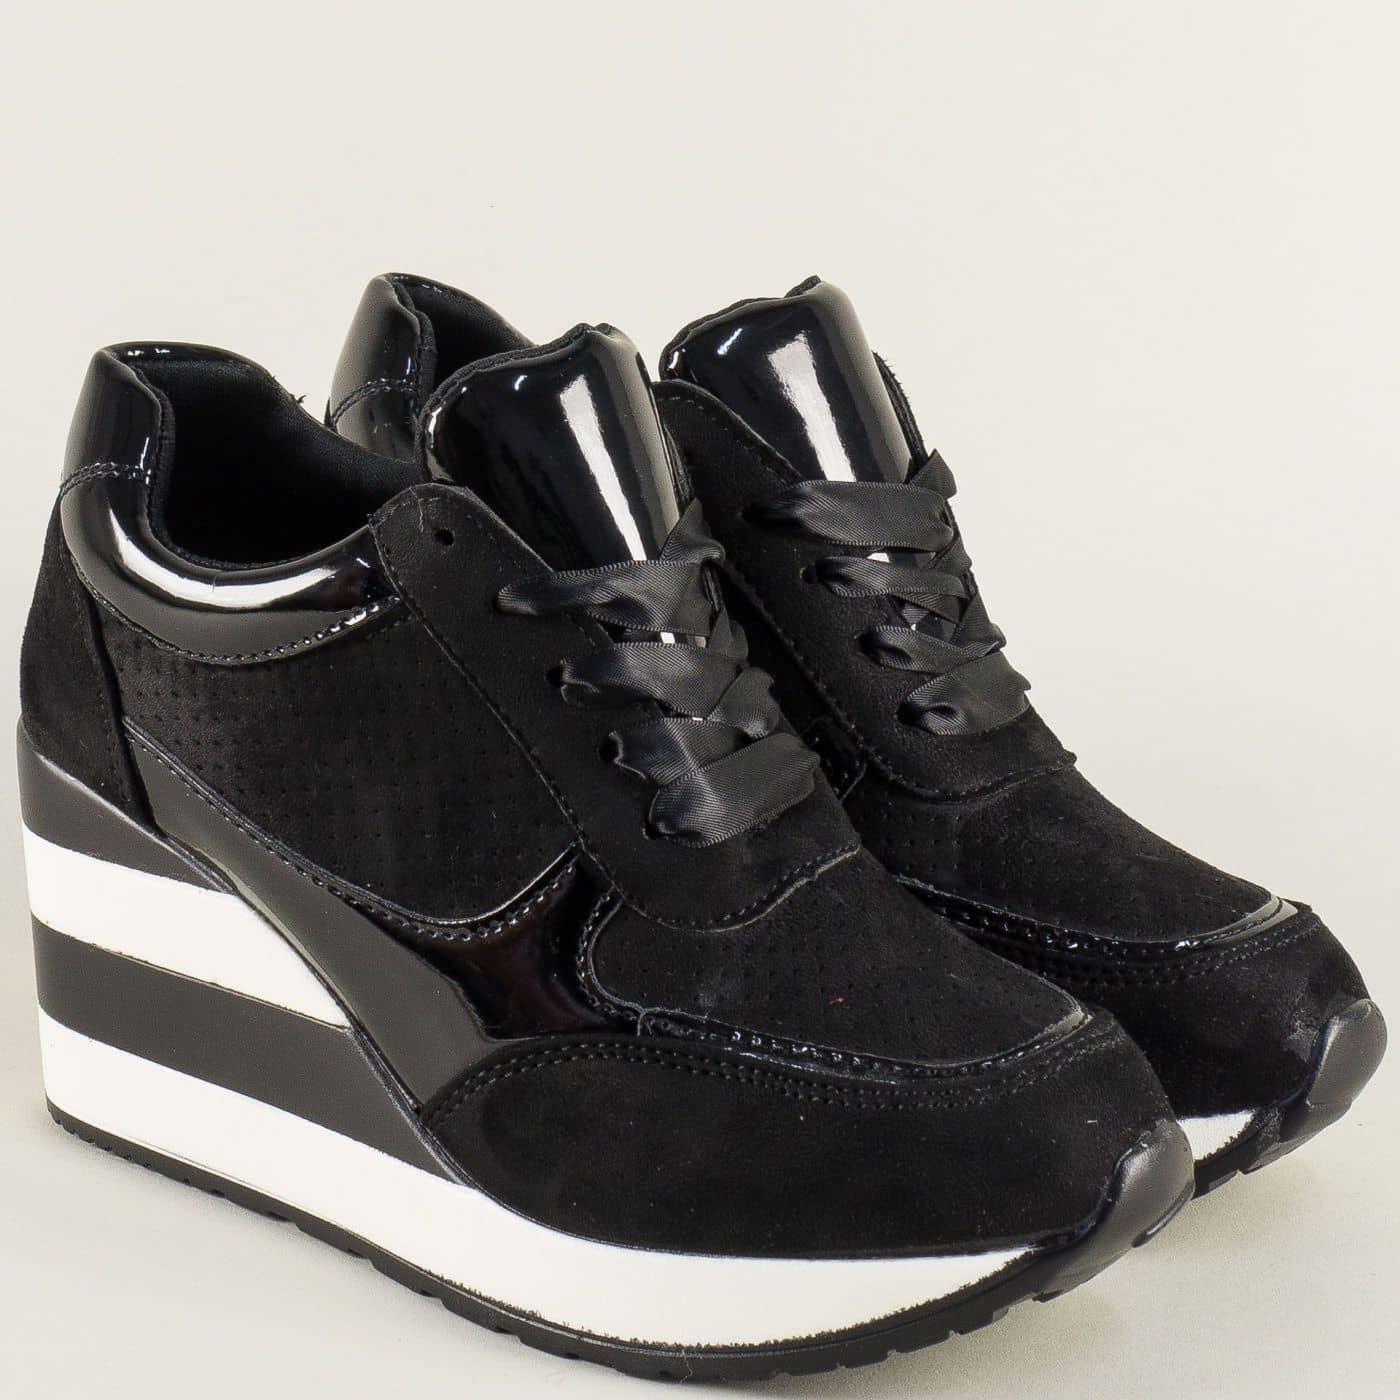 2fd6887f630 Дамски маратонки в черен цвят с връзки на платформа a151ch - Sisi-bg.com